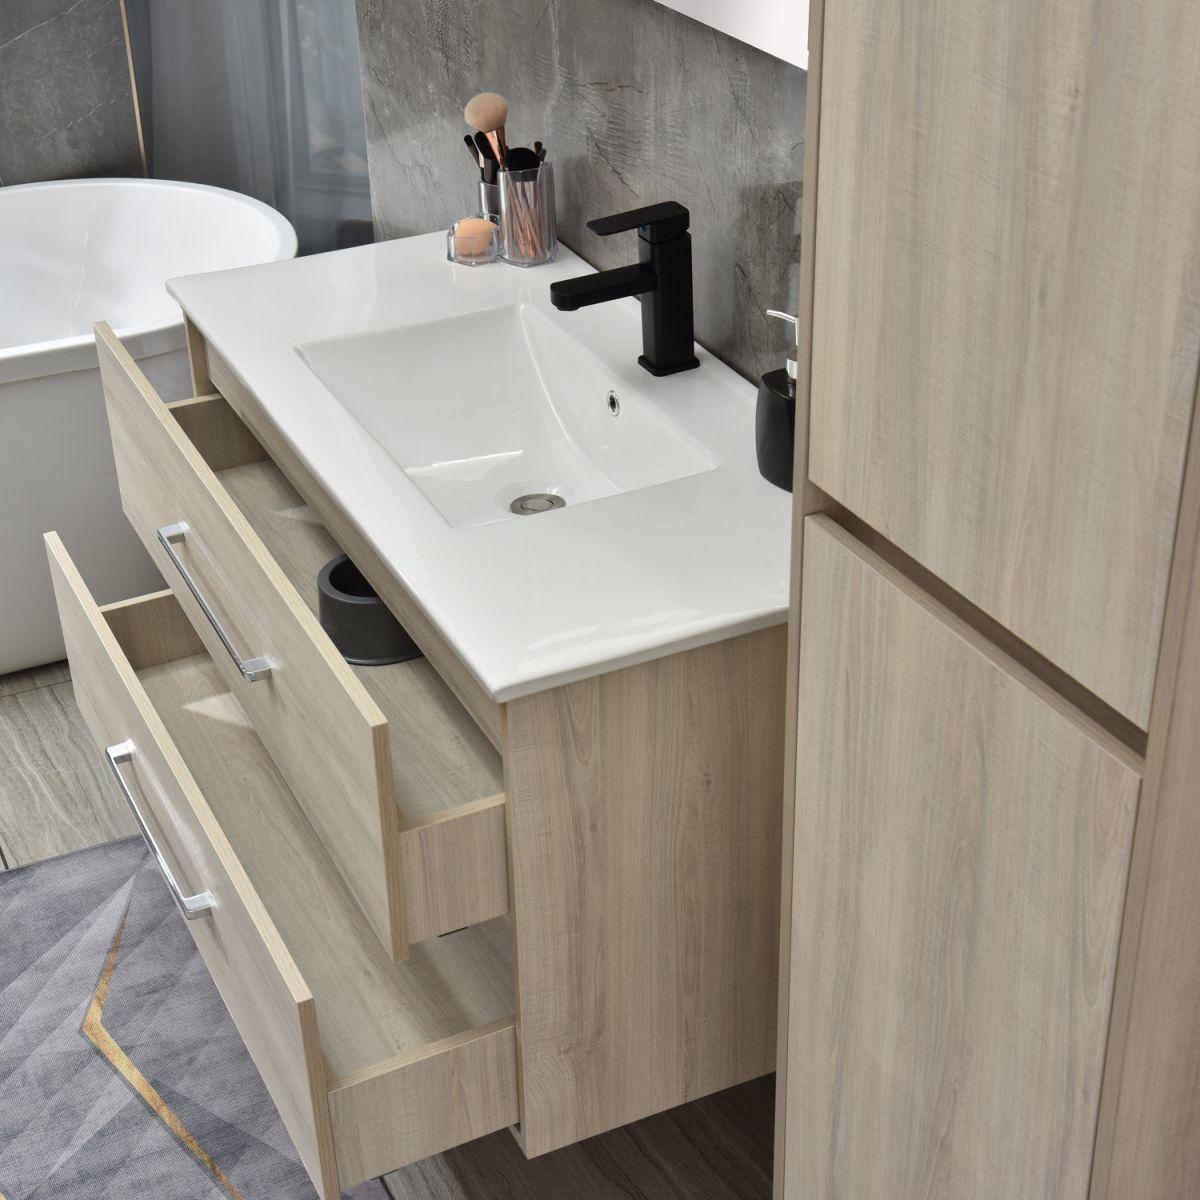 MF 1805 2 W 4 Mobile bagno Praga sospeso 120 cm bianco effetto legno con lavabo,specchio e colonna pensile